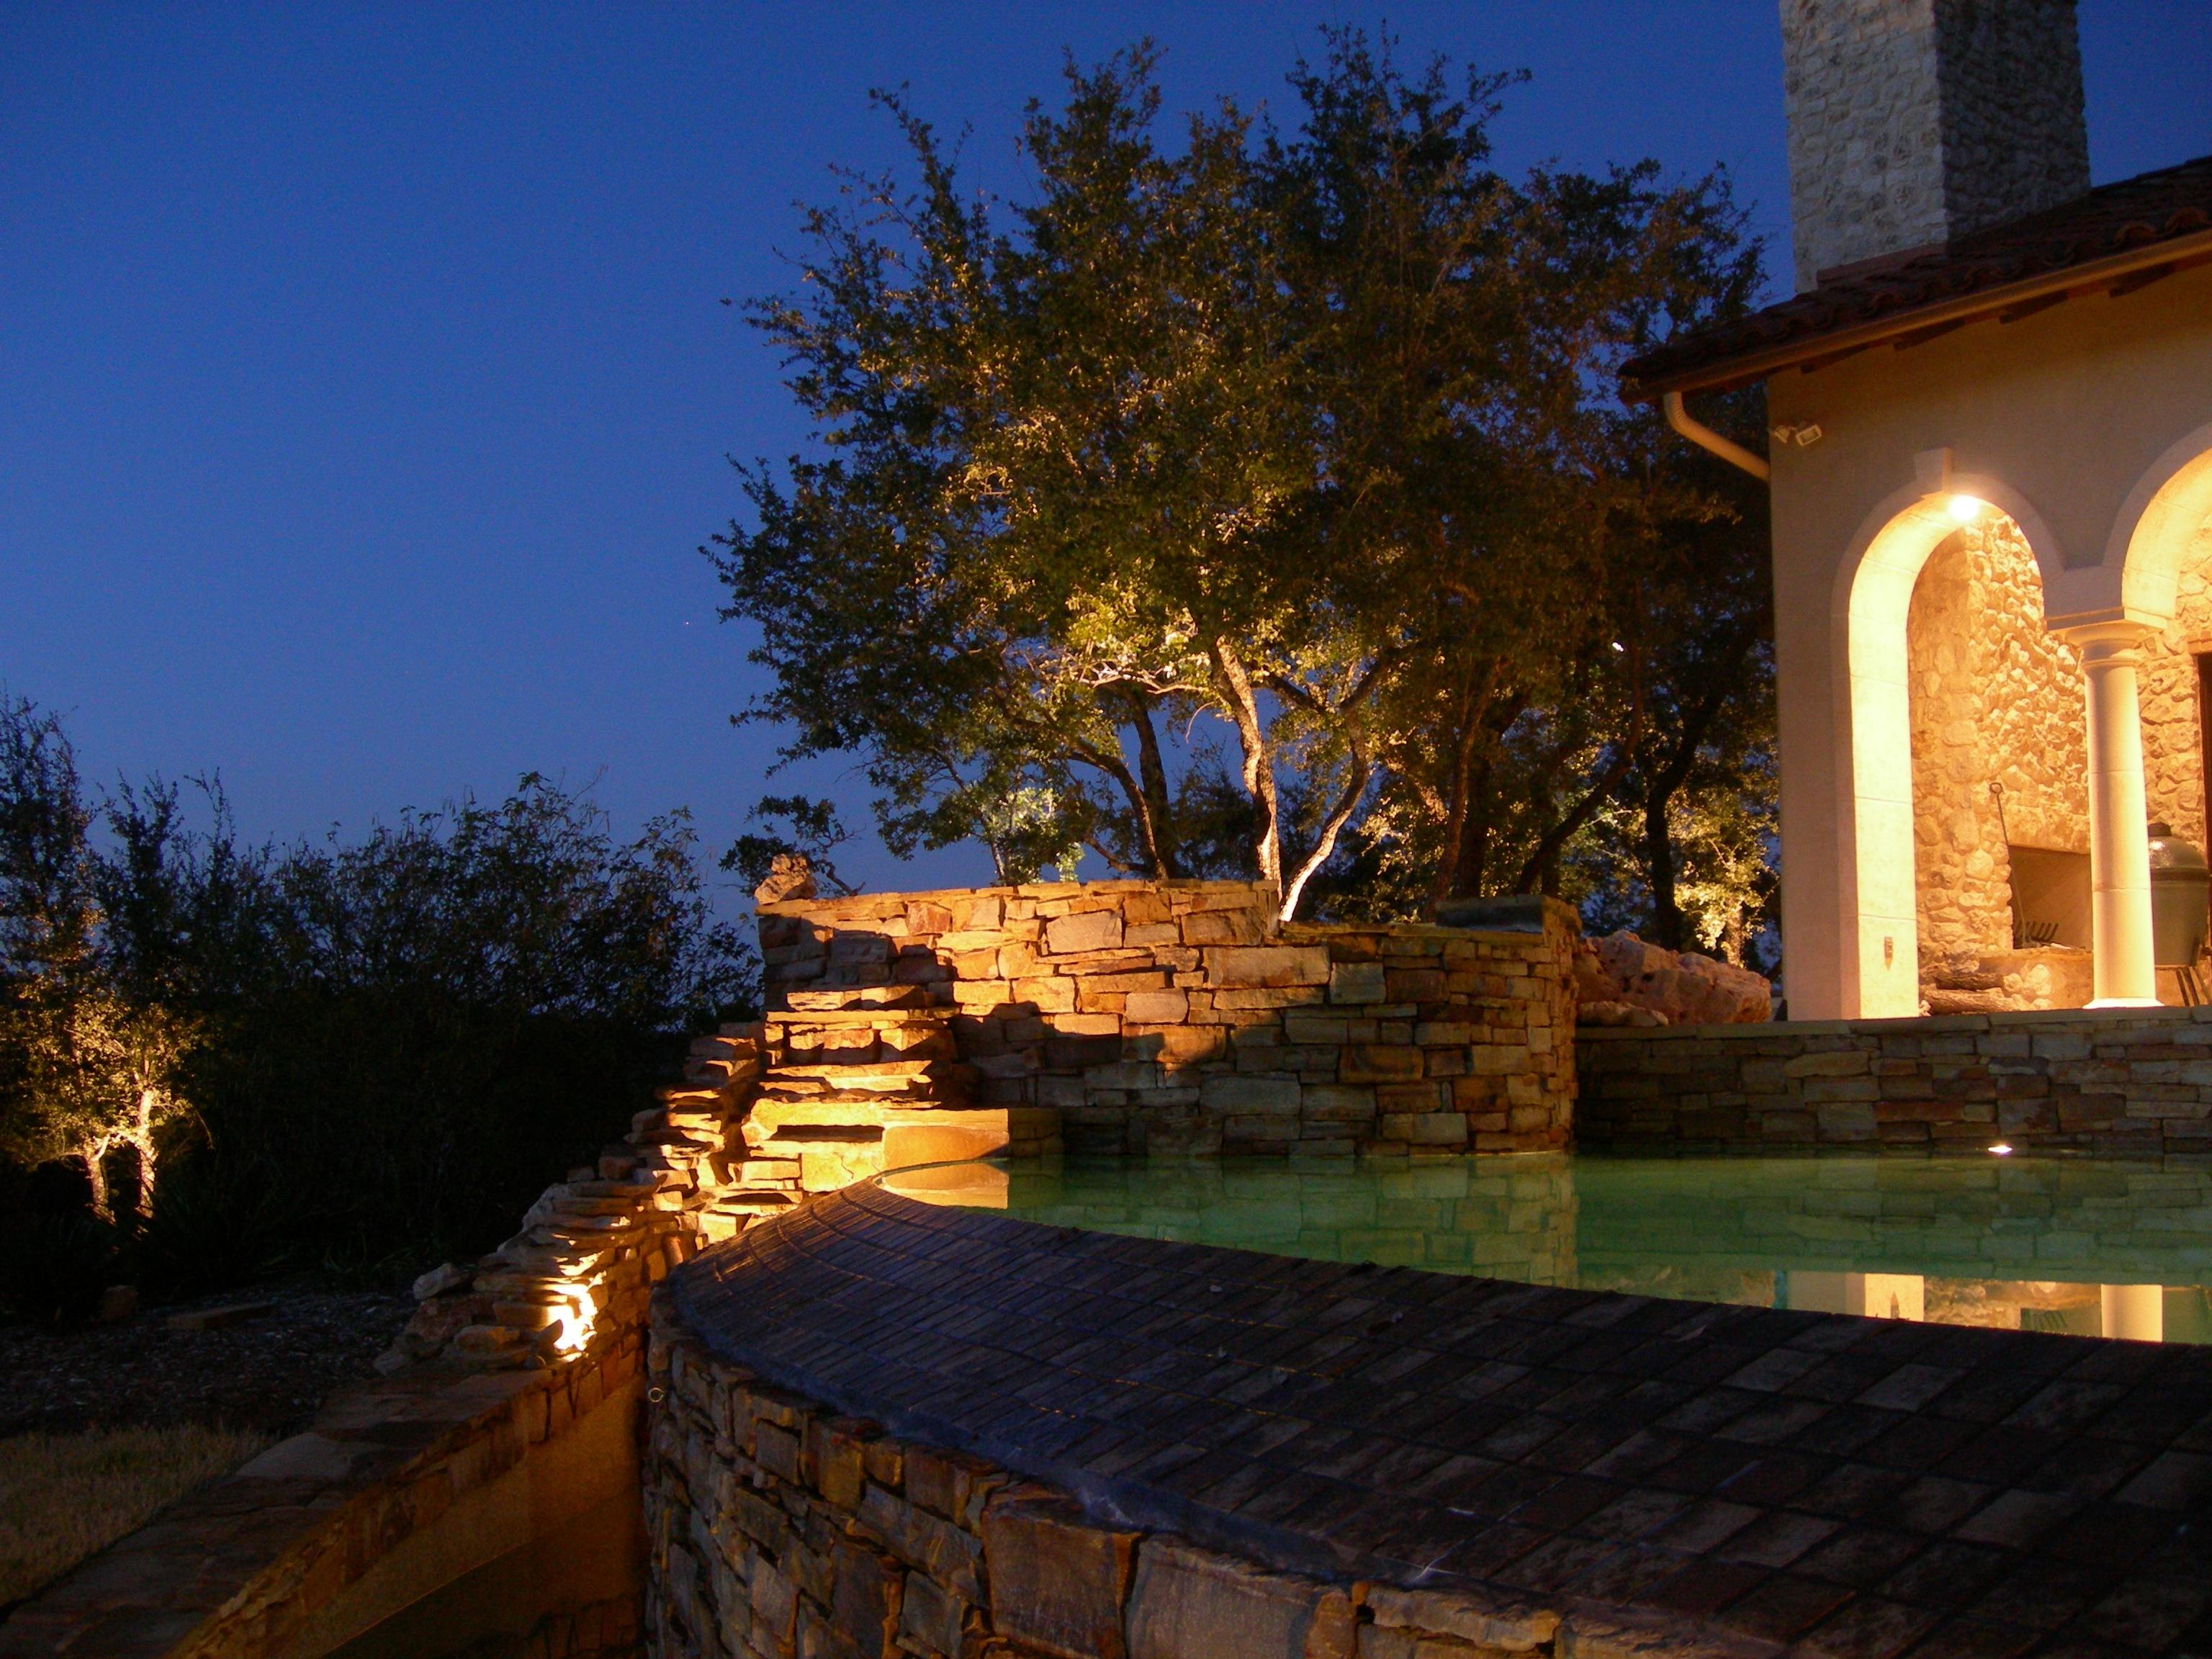 Austin Landscape Lighting Change Time On Timer Lux